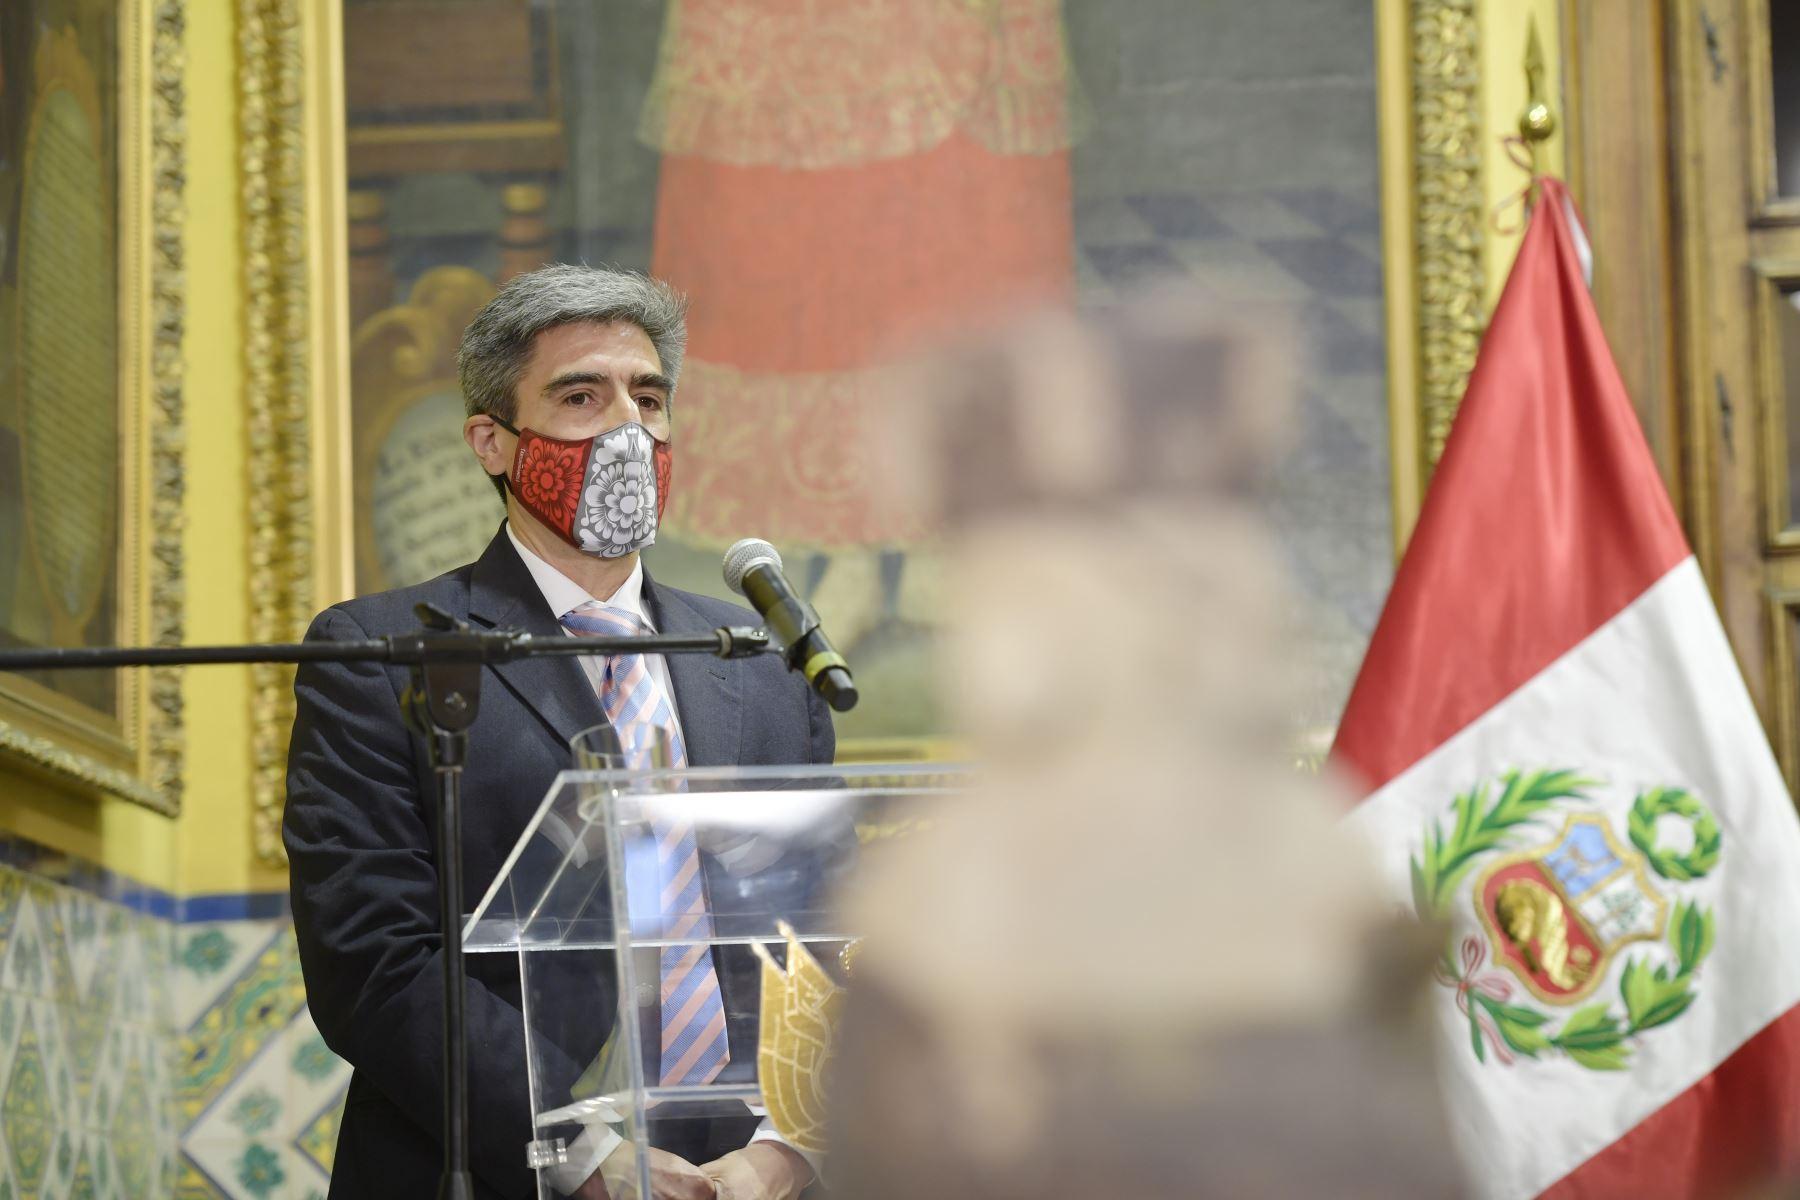 En ceremonia oficial realizada en el Palacio de Torre Tagle,  el ministro de Cultura,  Alejandro Neyra Sánchez recibe un grupo de 65 piezas pertenecientes al Patrimonio Cultural de la Nación. Foto: Ministerio de Cultura